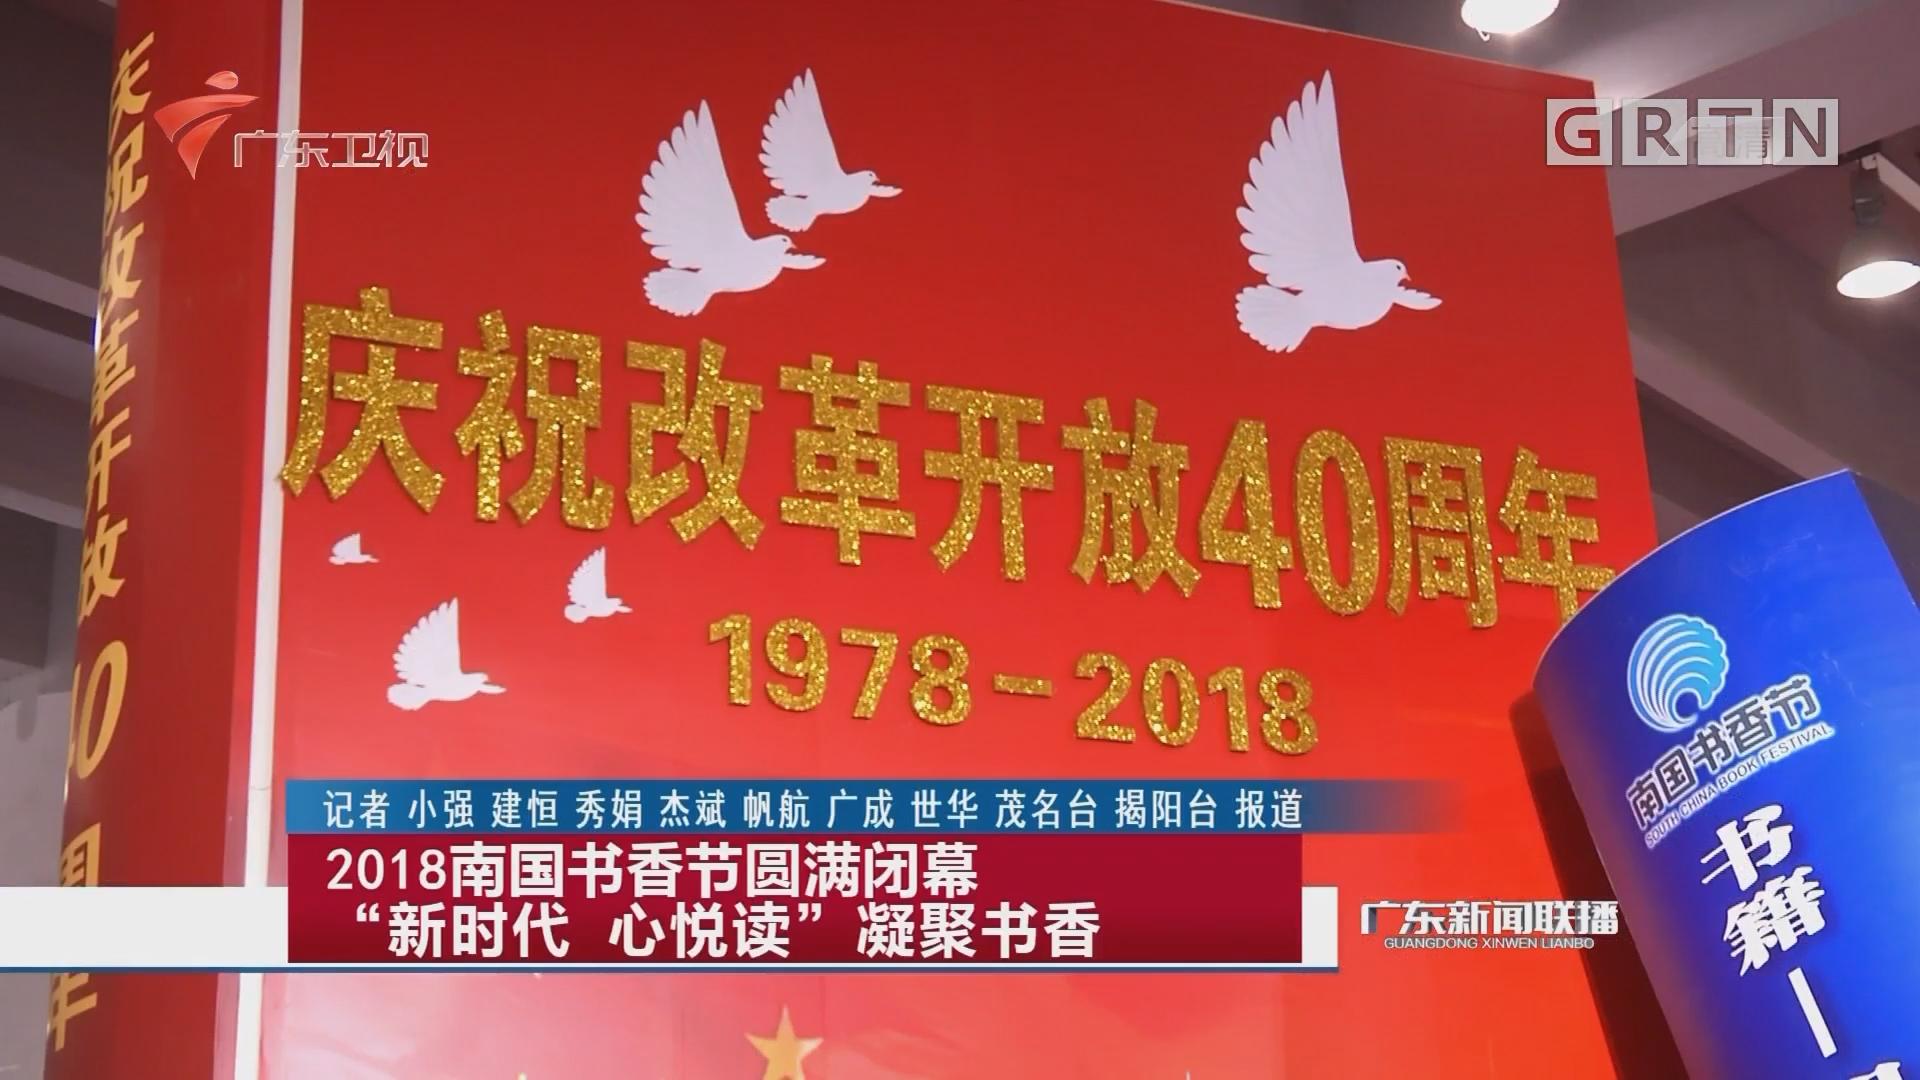 """2018南国书香节圆满闭幕 """"新时代 心悦读""""凝聚书香"""